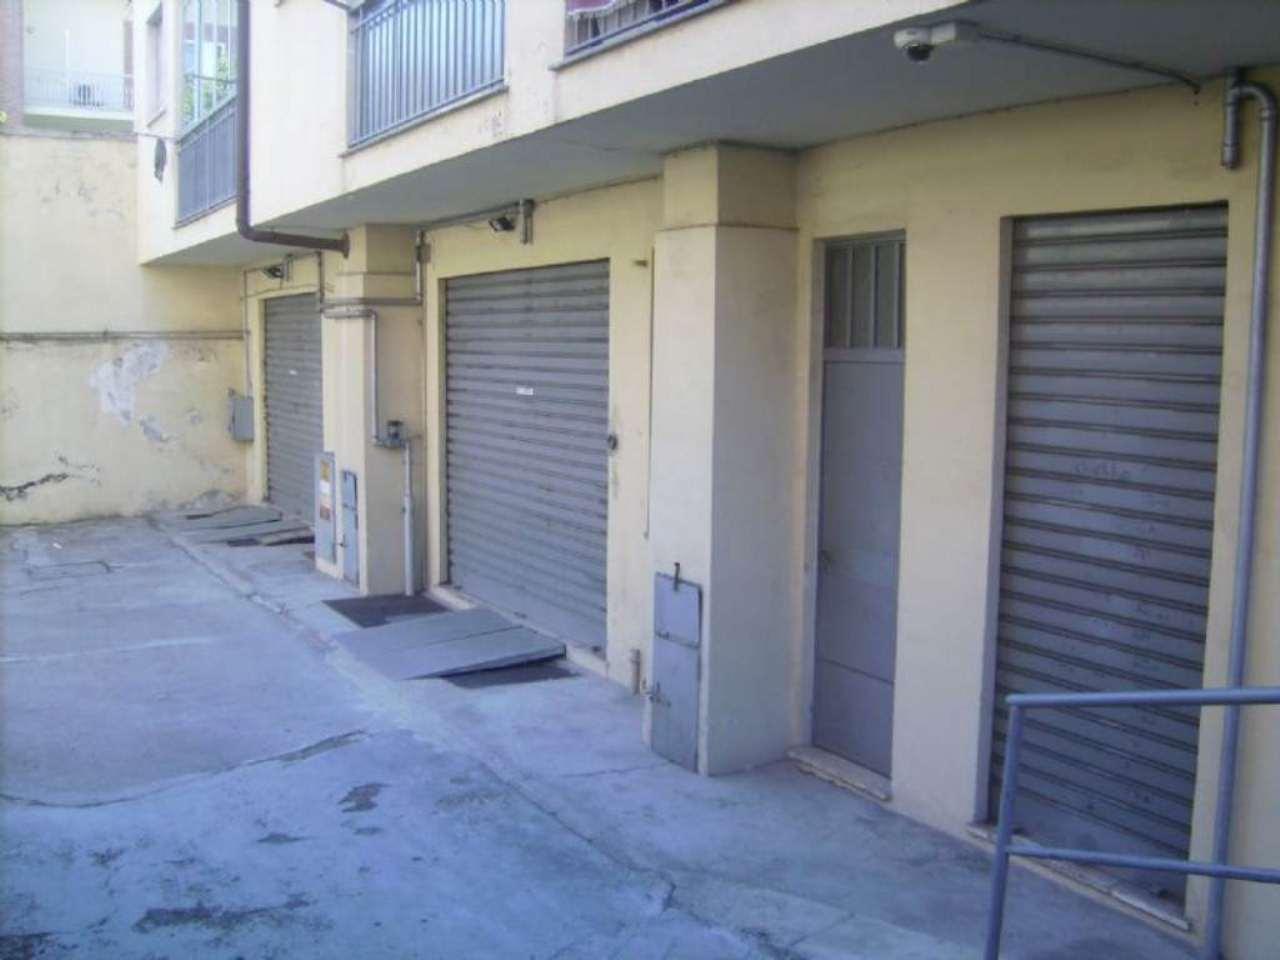 Magazzino in vendita a Grugliasco, 9999 locali, prezzo € 70.000 | Cambio Casa.it